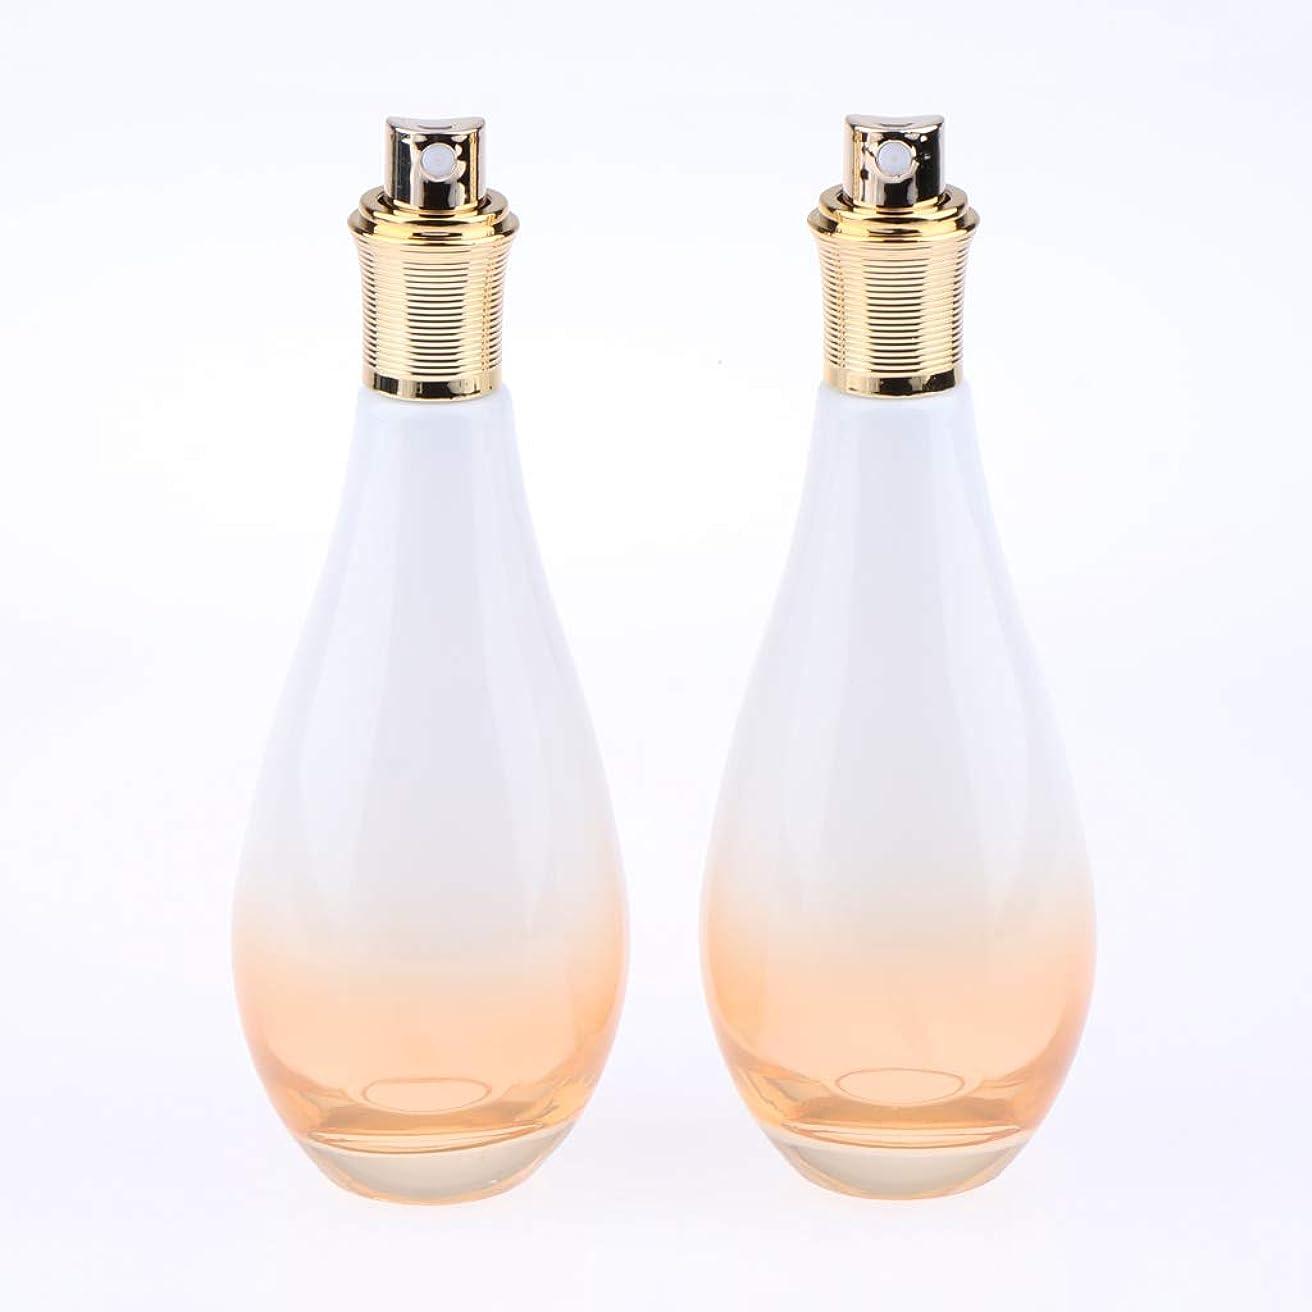 ジョージバーナード動力学立ち向かうF Fityle 2個 ガラス スプレーボトル 香水ボトル アトマイザー 小分け容器 3サイズ選べ - 100ミリリットル